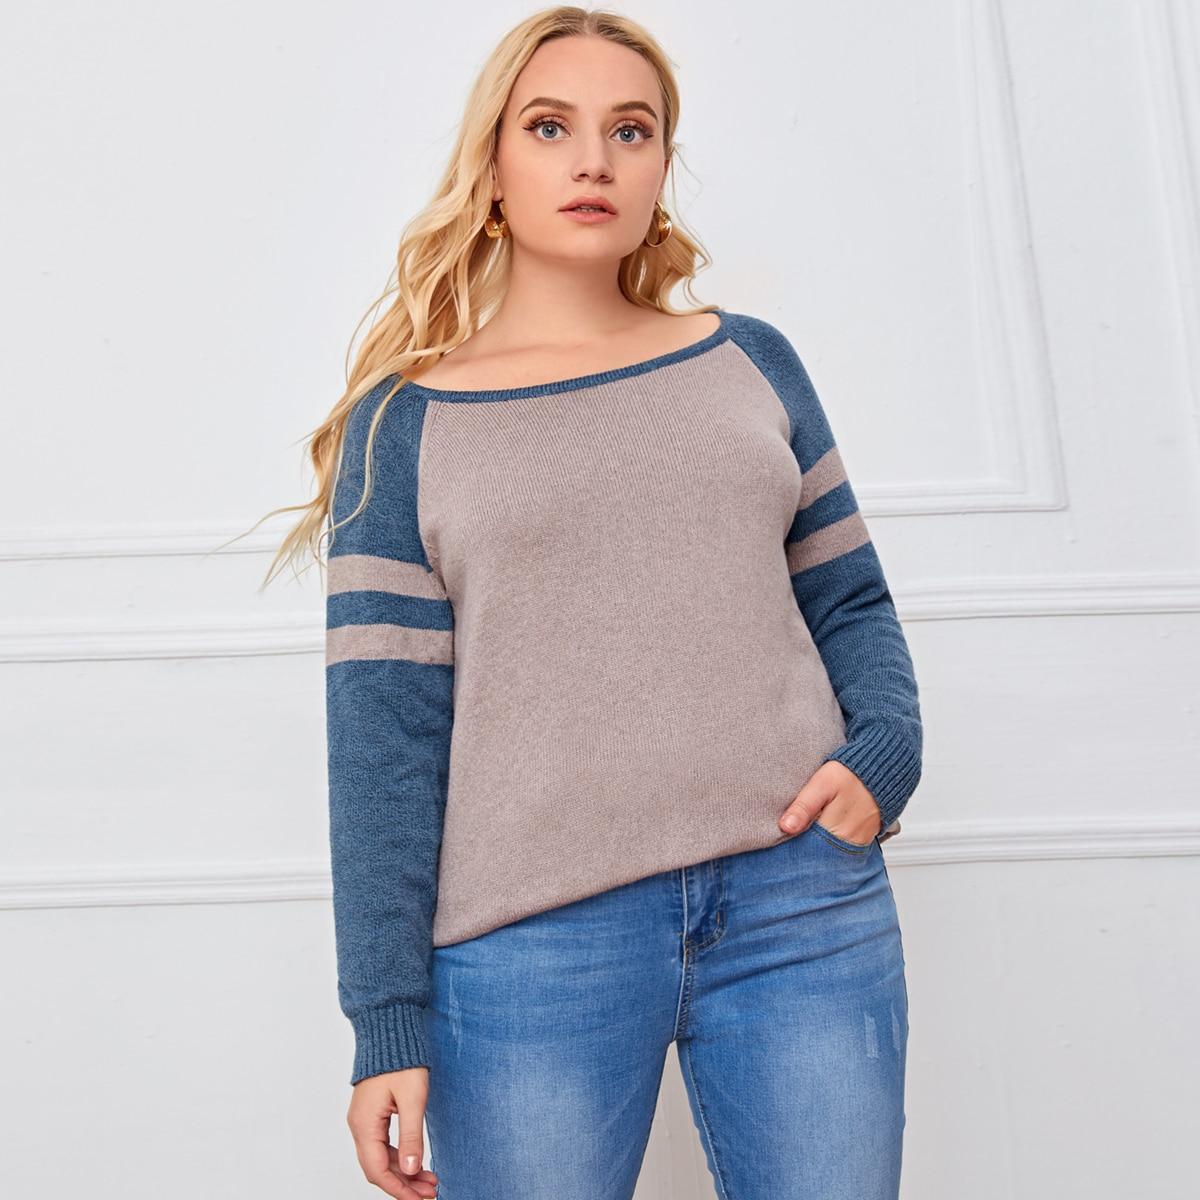 Двухцветный свитер размера плюс с рукавом реглан